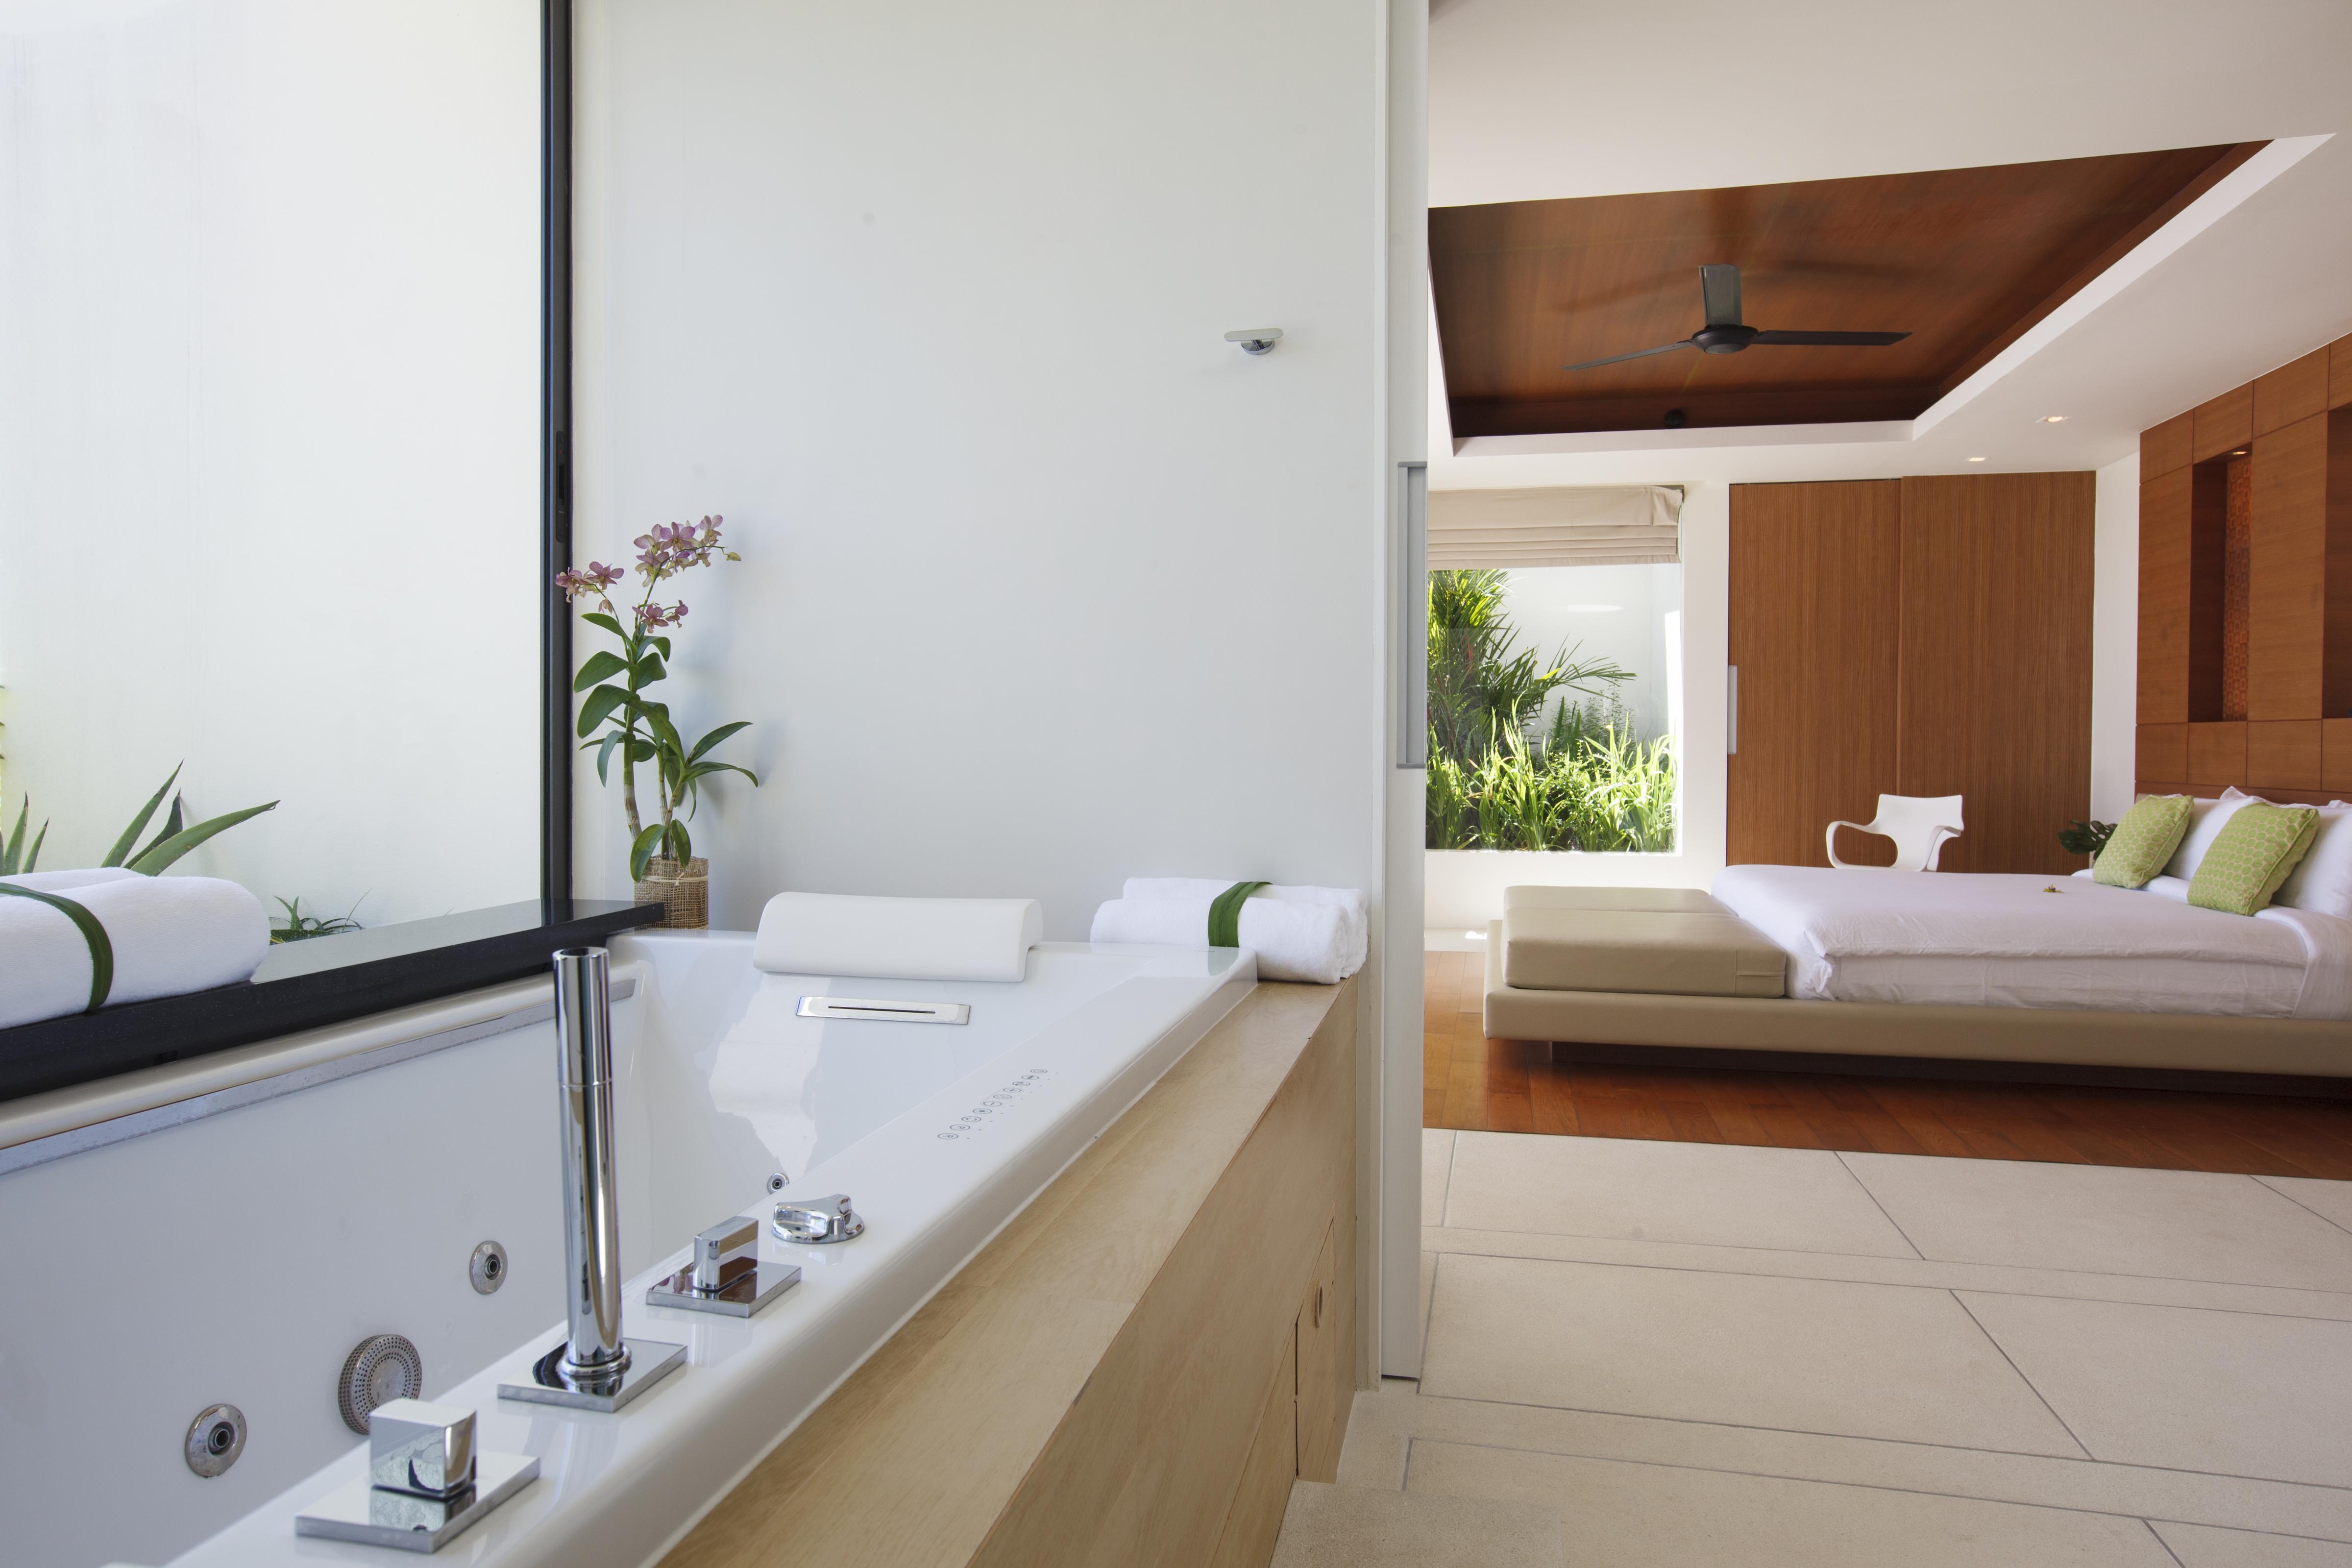 20120812-Bathroom 2-001